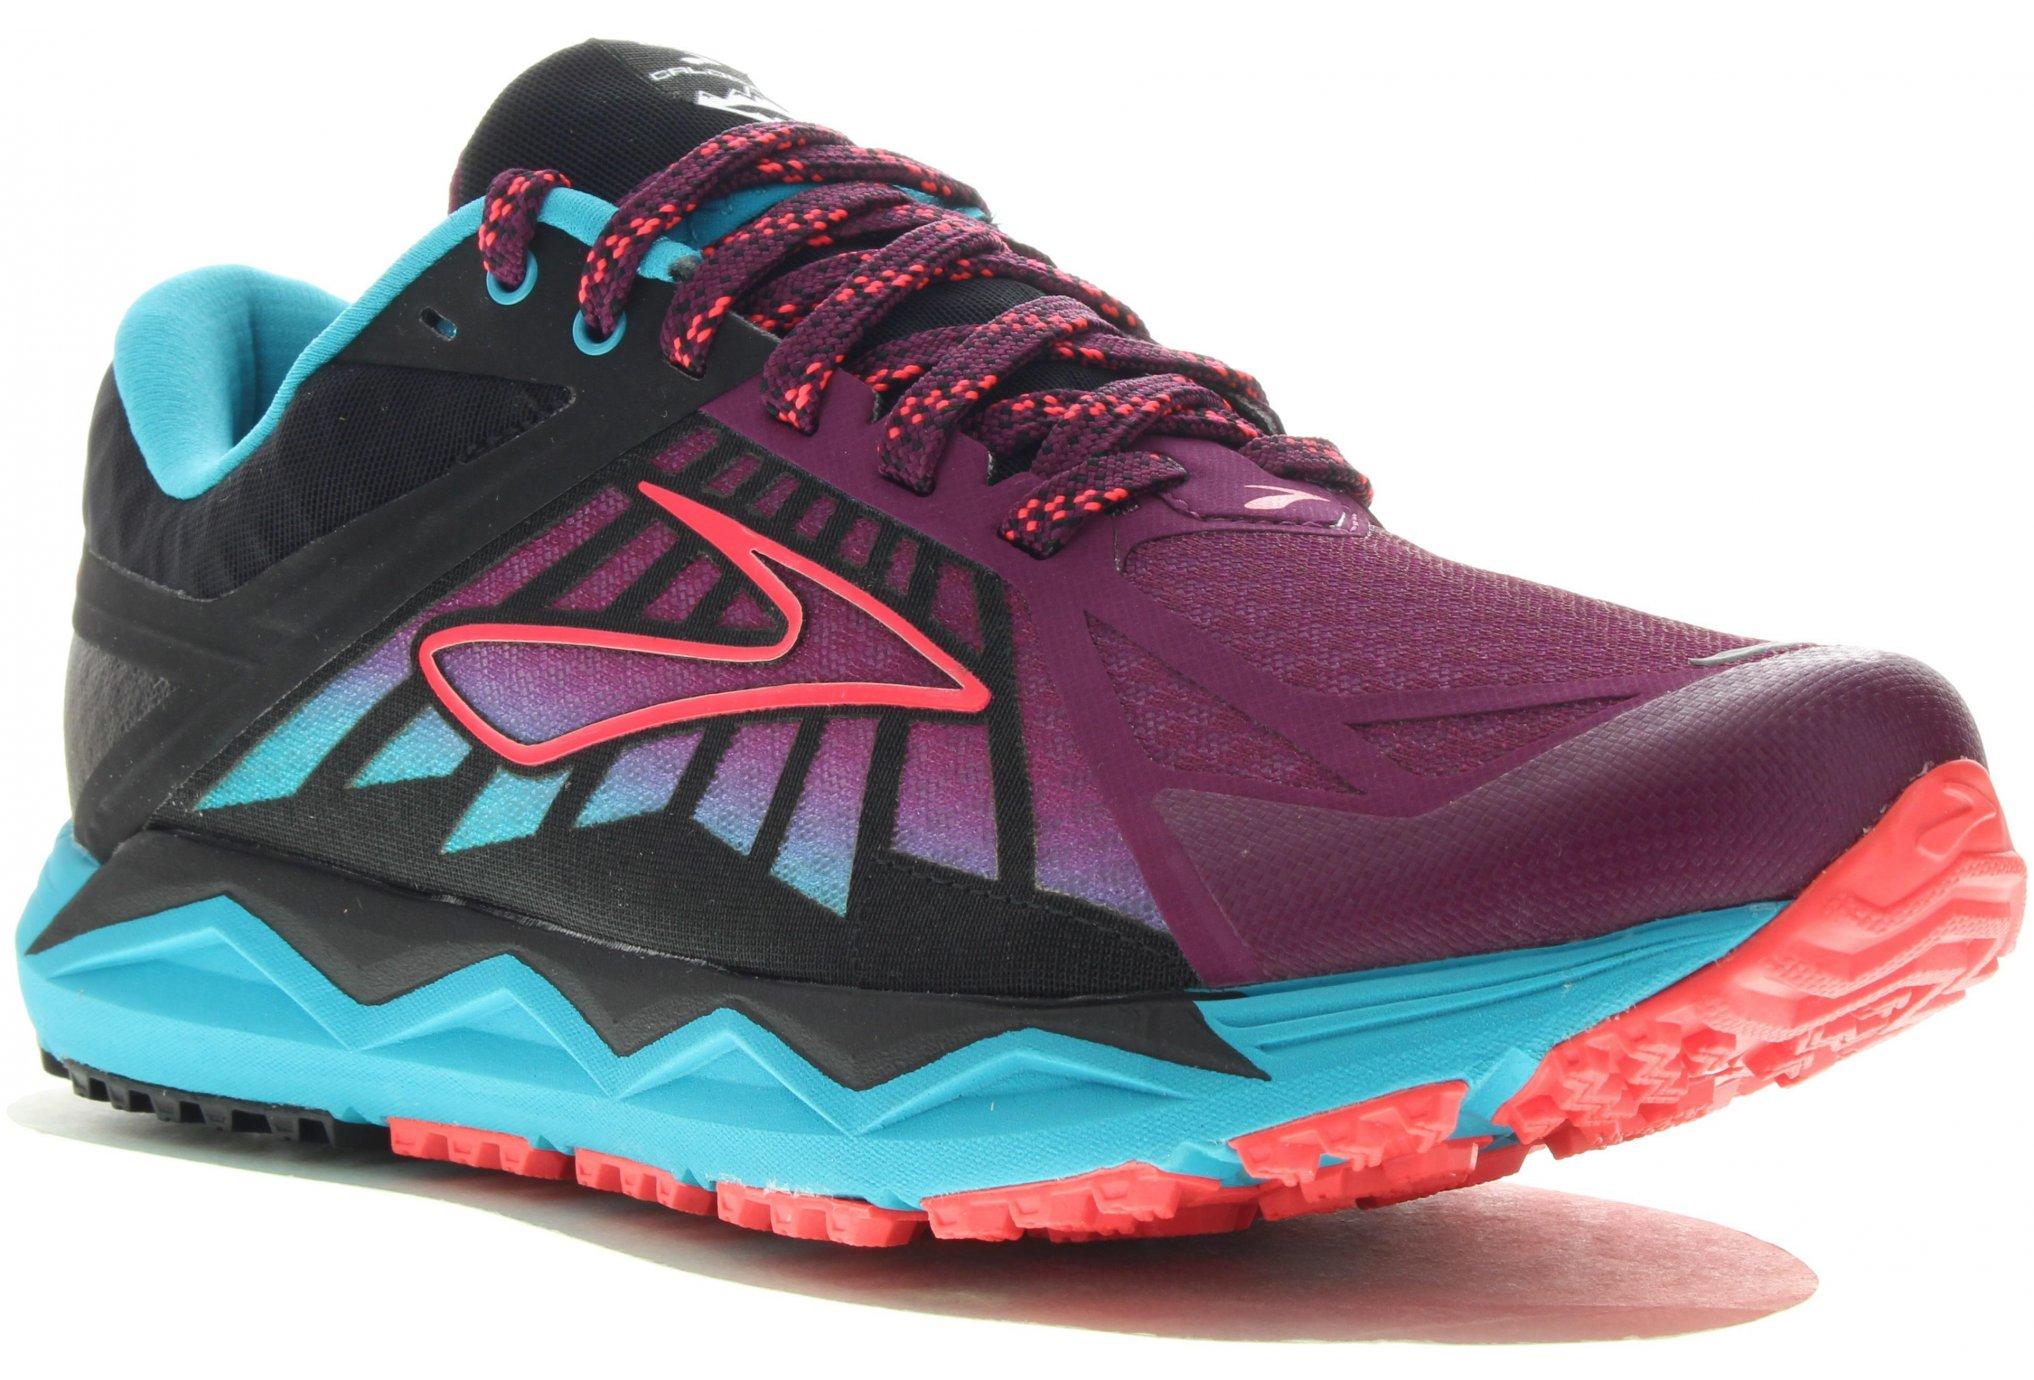 Brooks Caldera w chaussures running femme